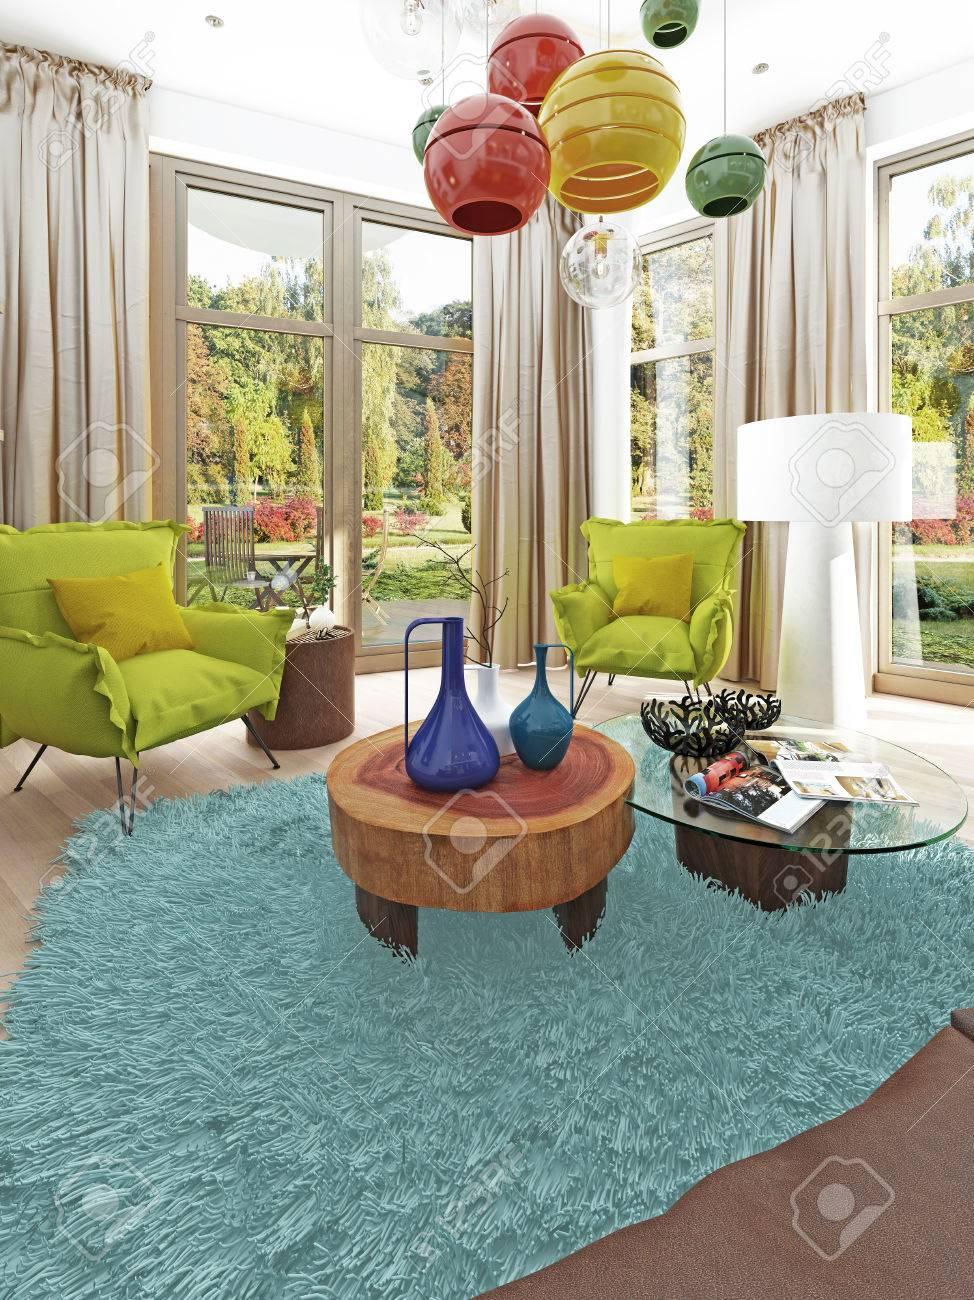 Moderne Wohnzimmer Mit Sitzecke Mit Zwei Stühlen. Bequeme Stühle Im ...